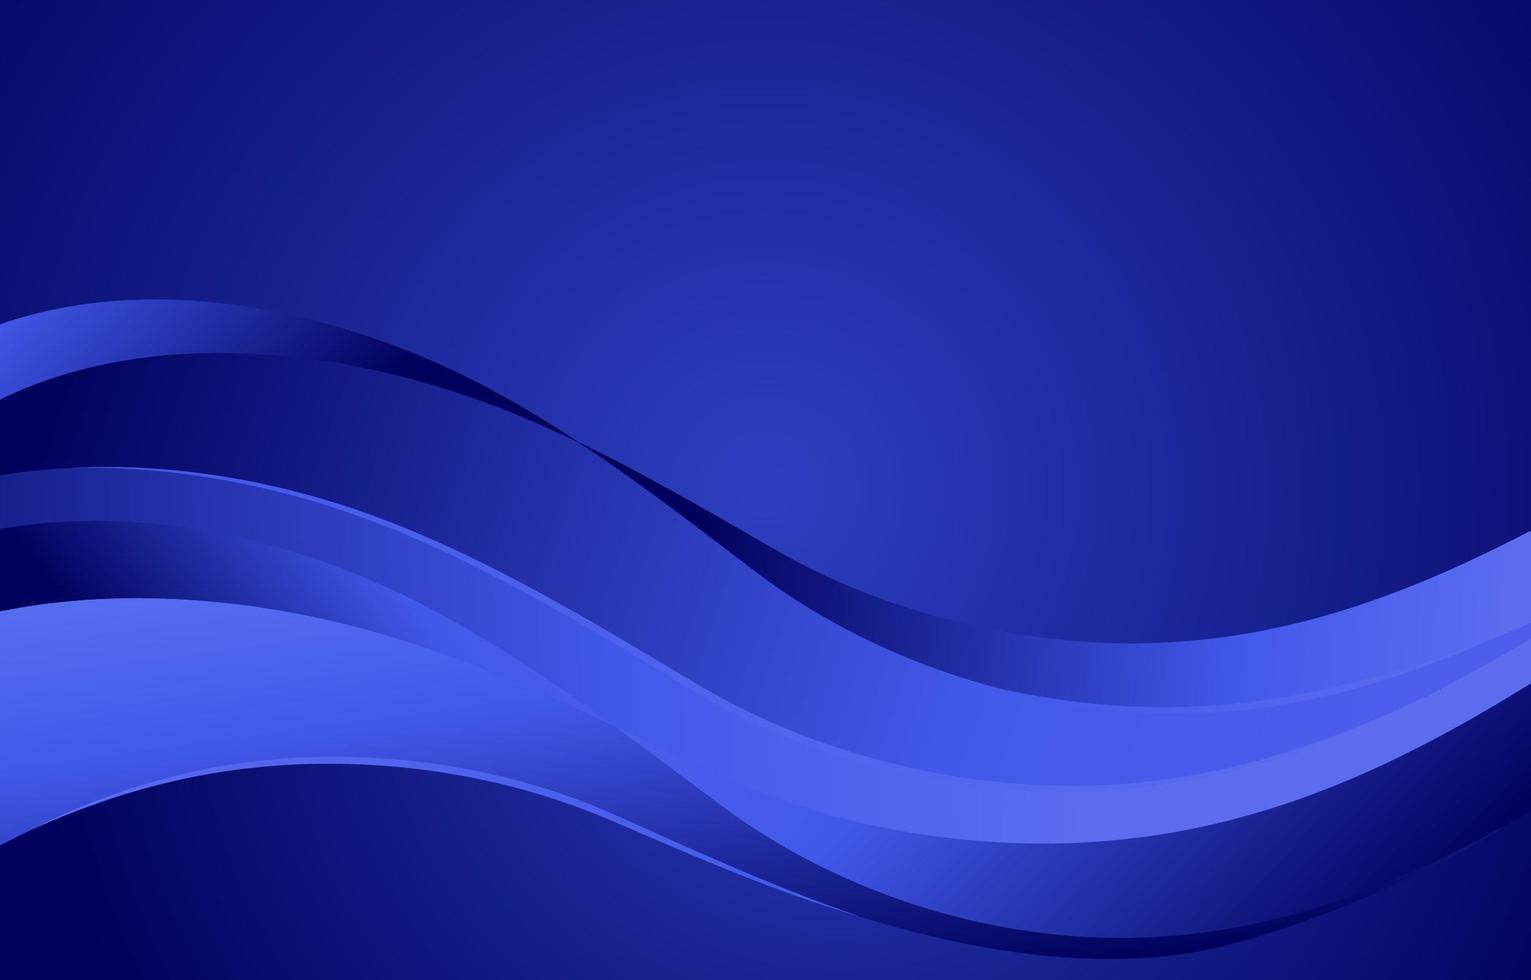 fond de vague bleue vecteur